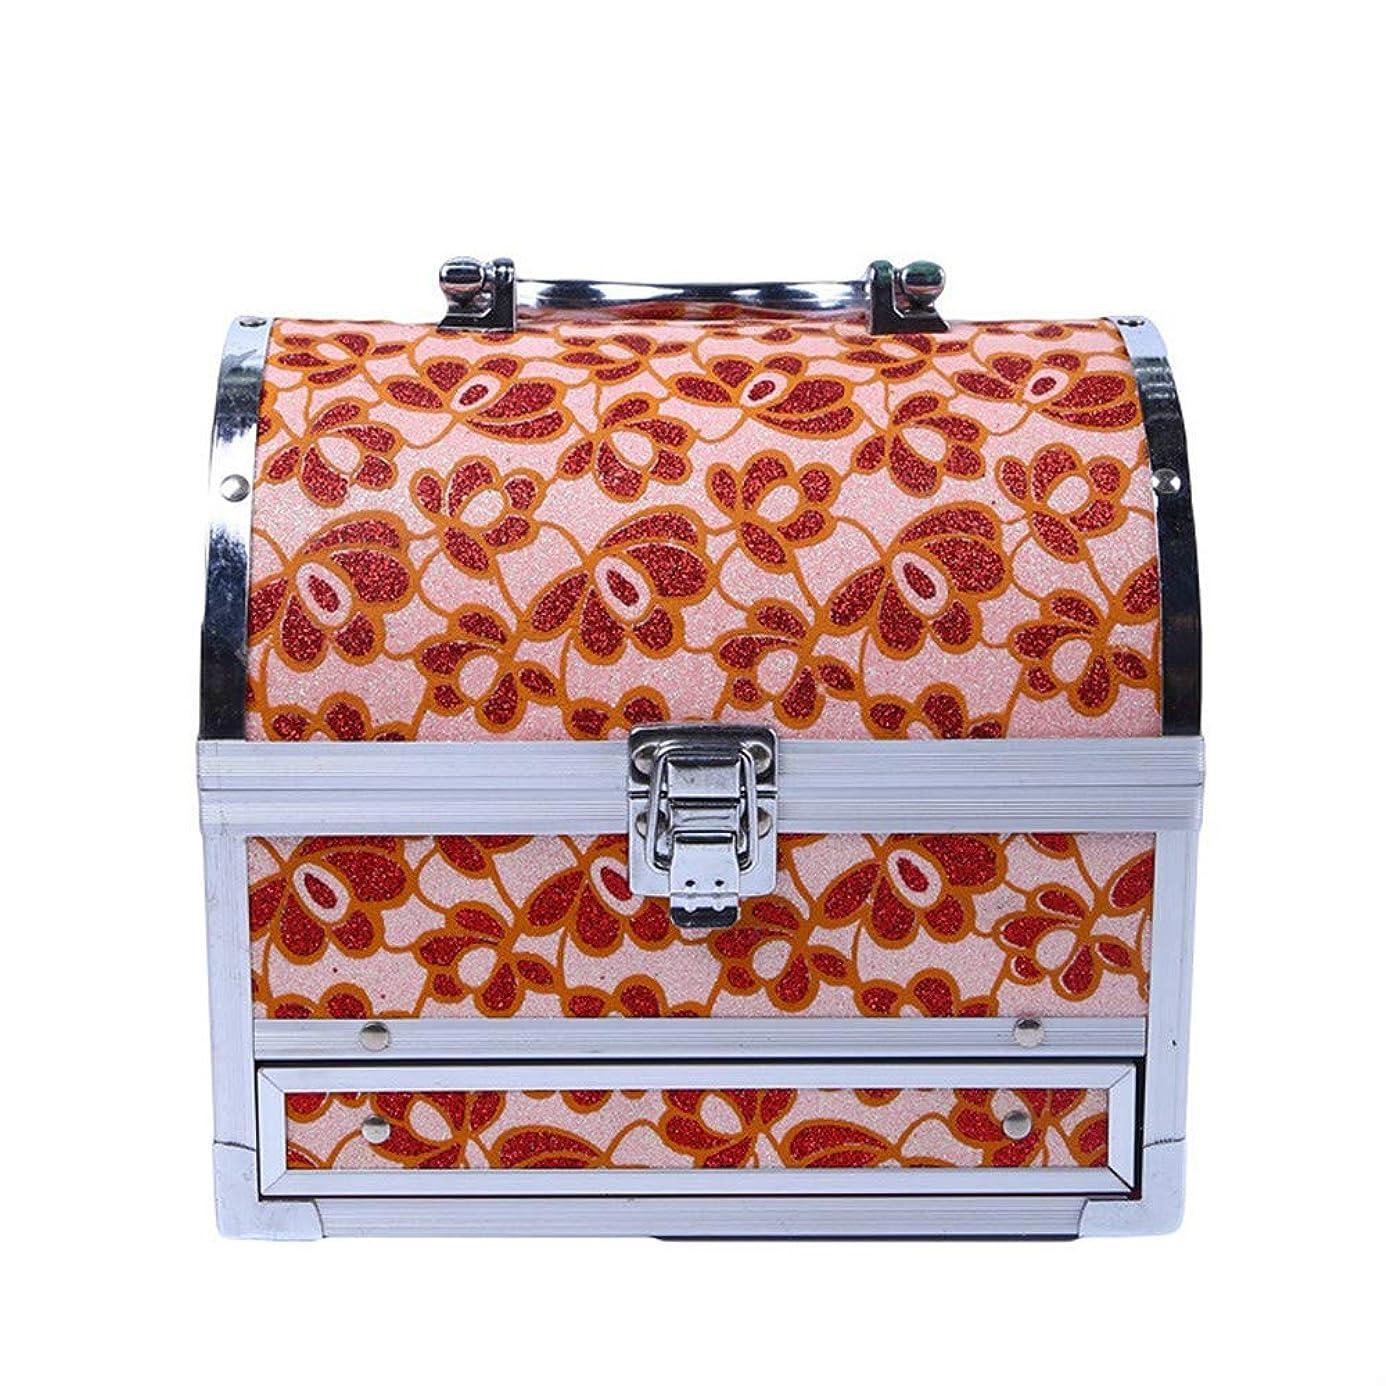 タック創造リム化粧オーガナイザーバッグ 美容メイクアップのための大容量ポータブル化粧ケース、女性化粧ミラー付きのロック付き女性旅行と毎日の保管 化粧品ケース